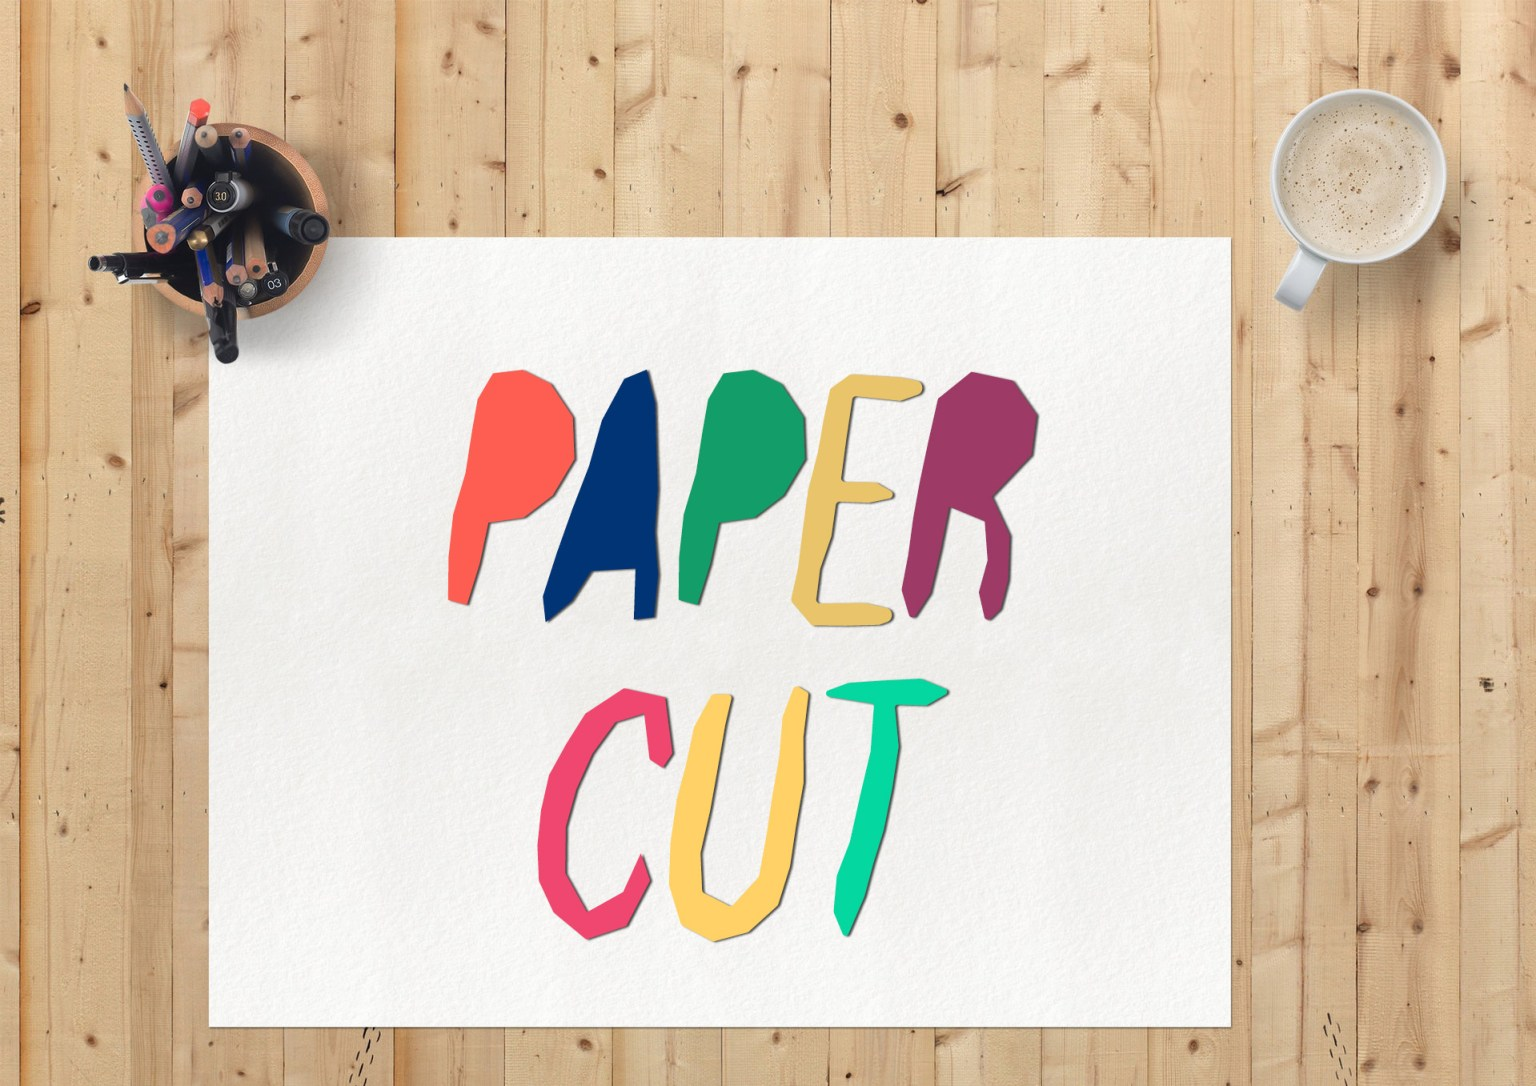 Paper Cut Display Font